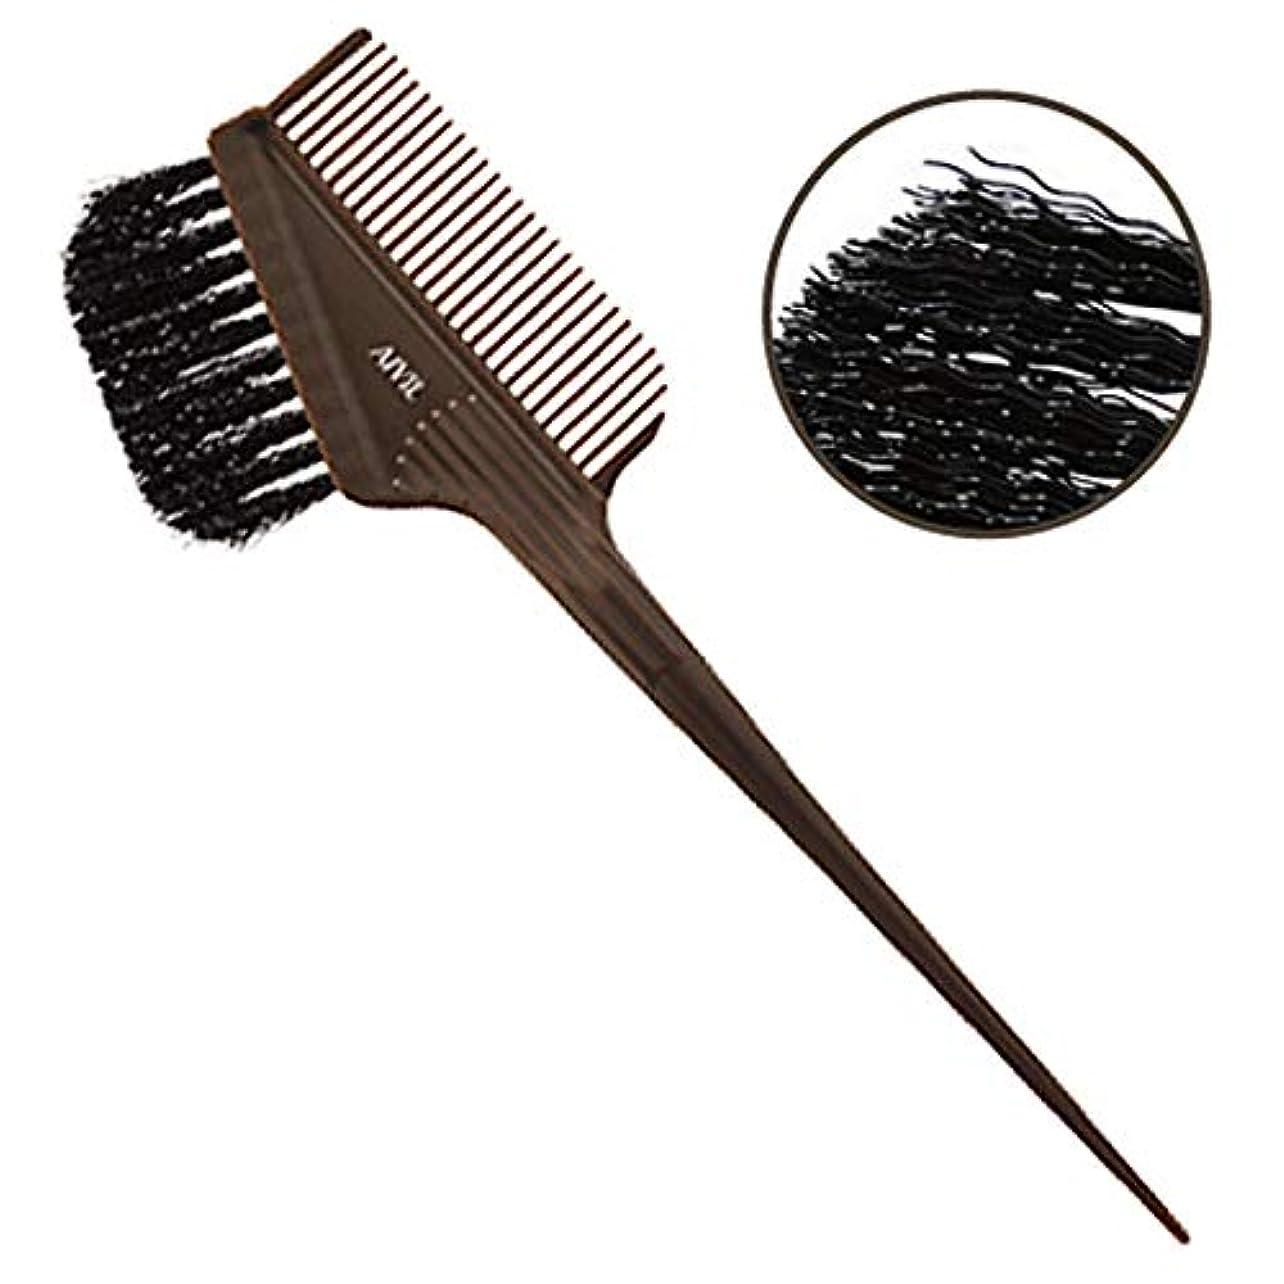 実施する平等週間アイビル ヘアダイブラシ バトン ブラウン ウェーブ毛 刷毛/カラー剤/毛染めブラシ AIVIL